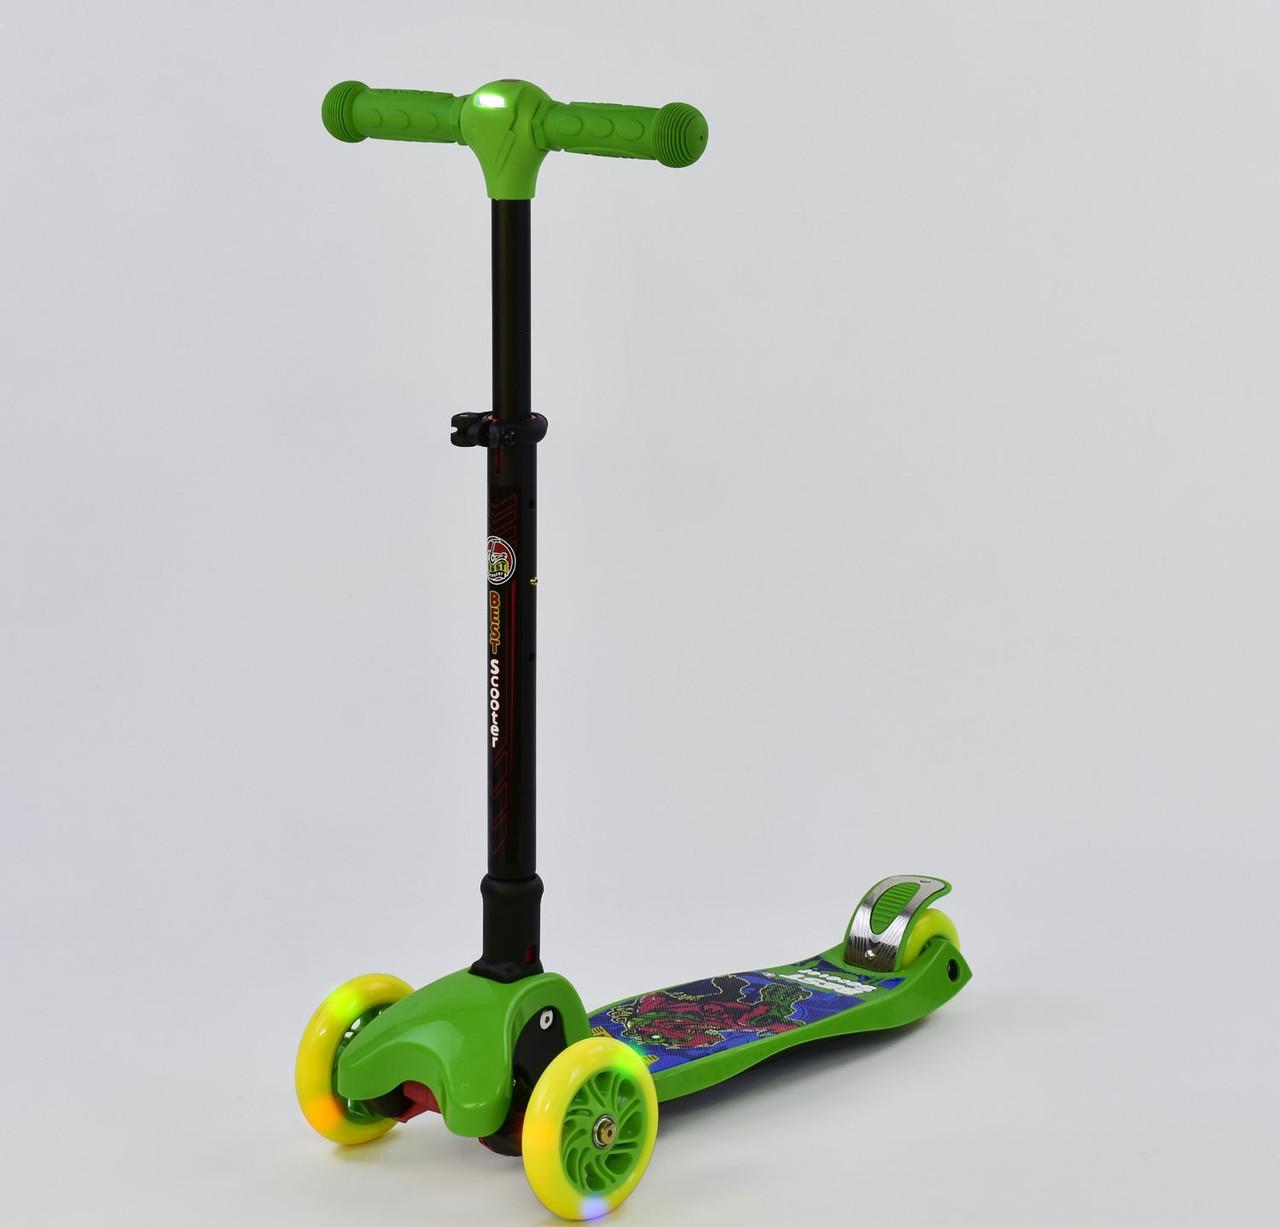 Самокат Best Scooter С 37200, складной руль с фарой, 4 колеса PU со светом, d=12 см